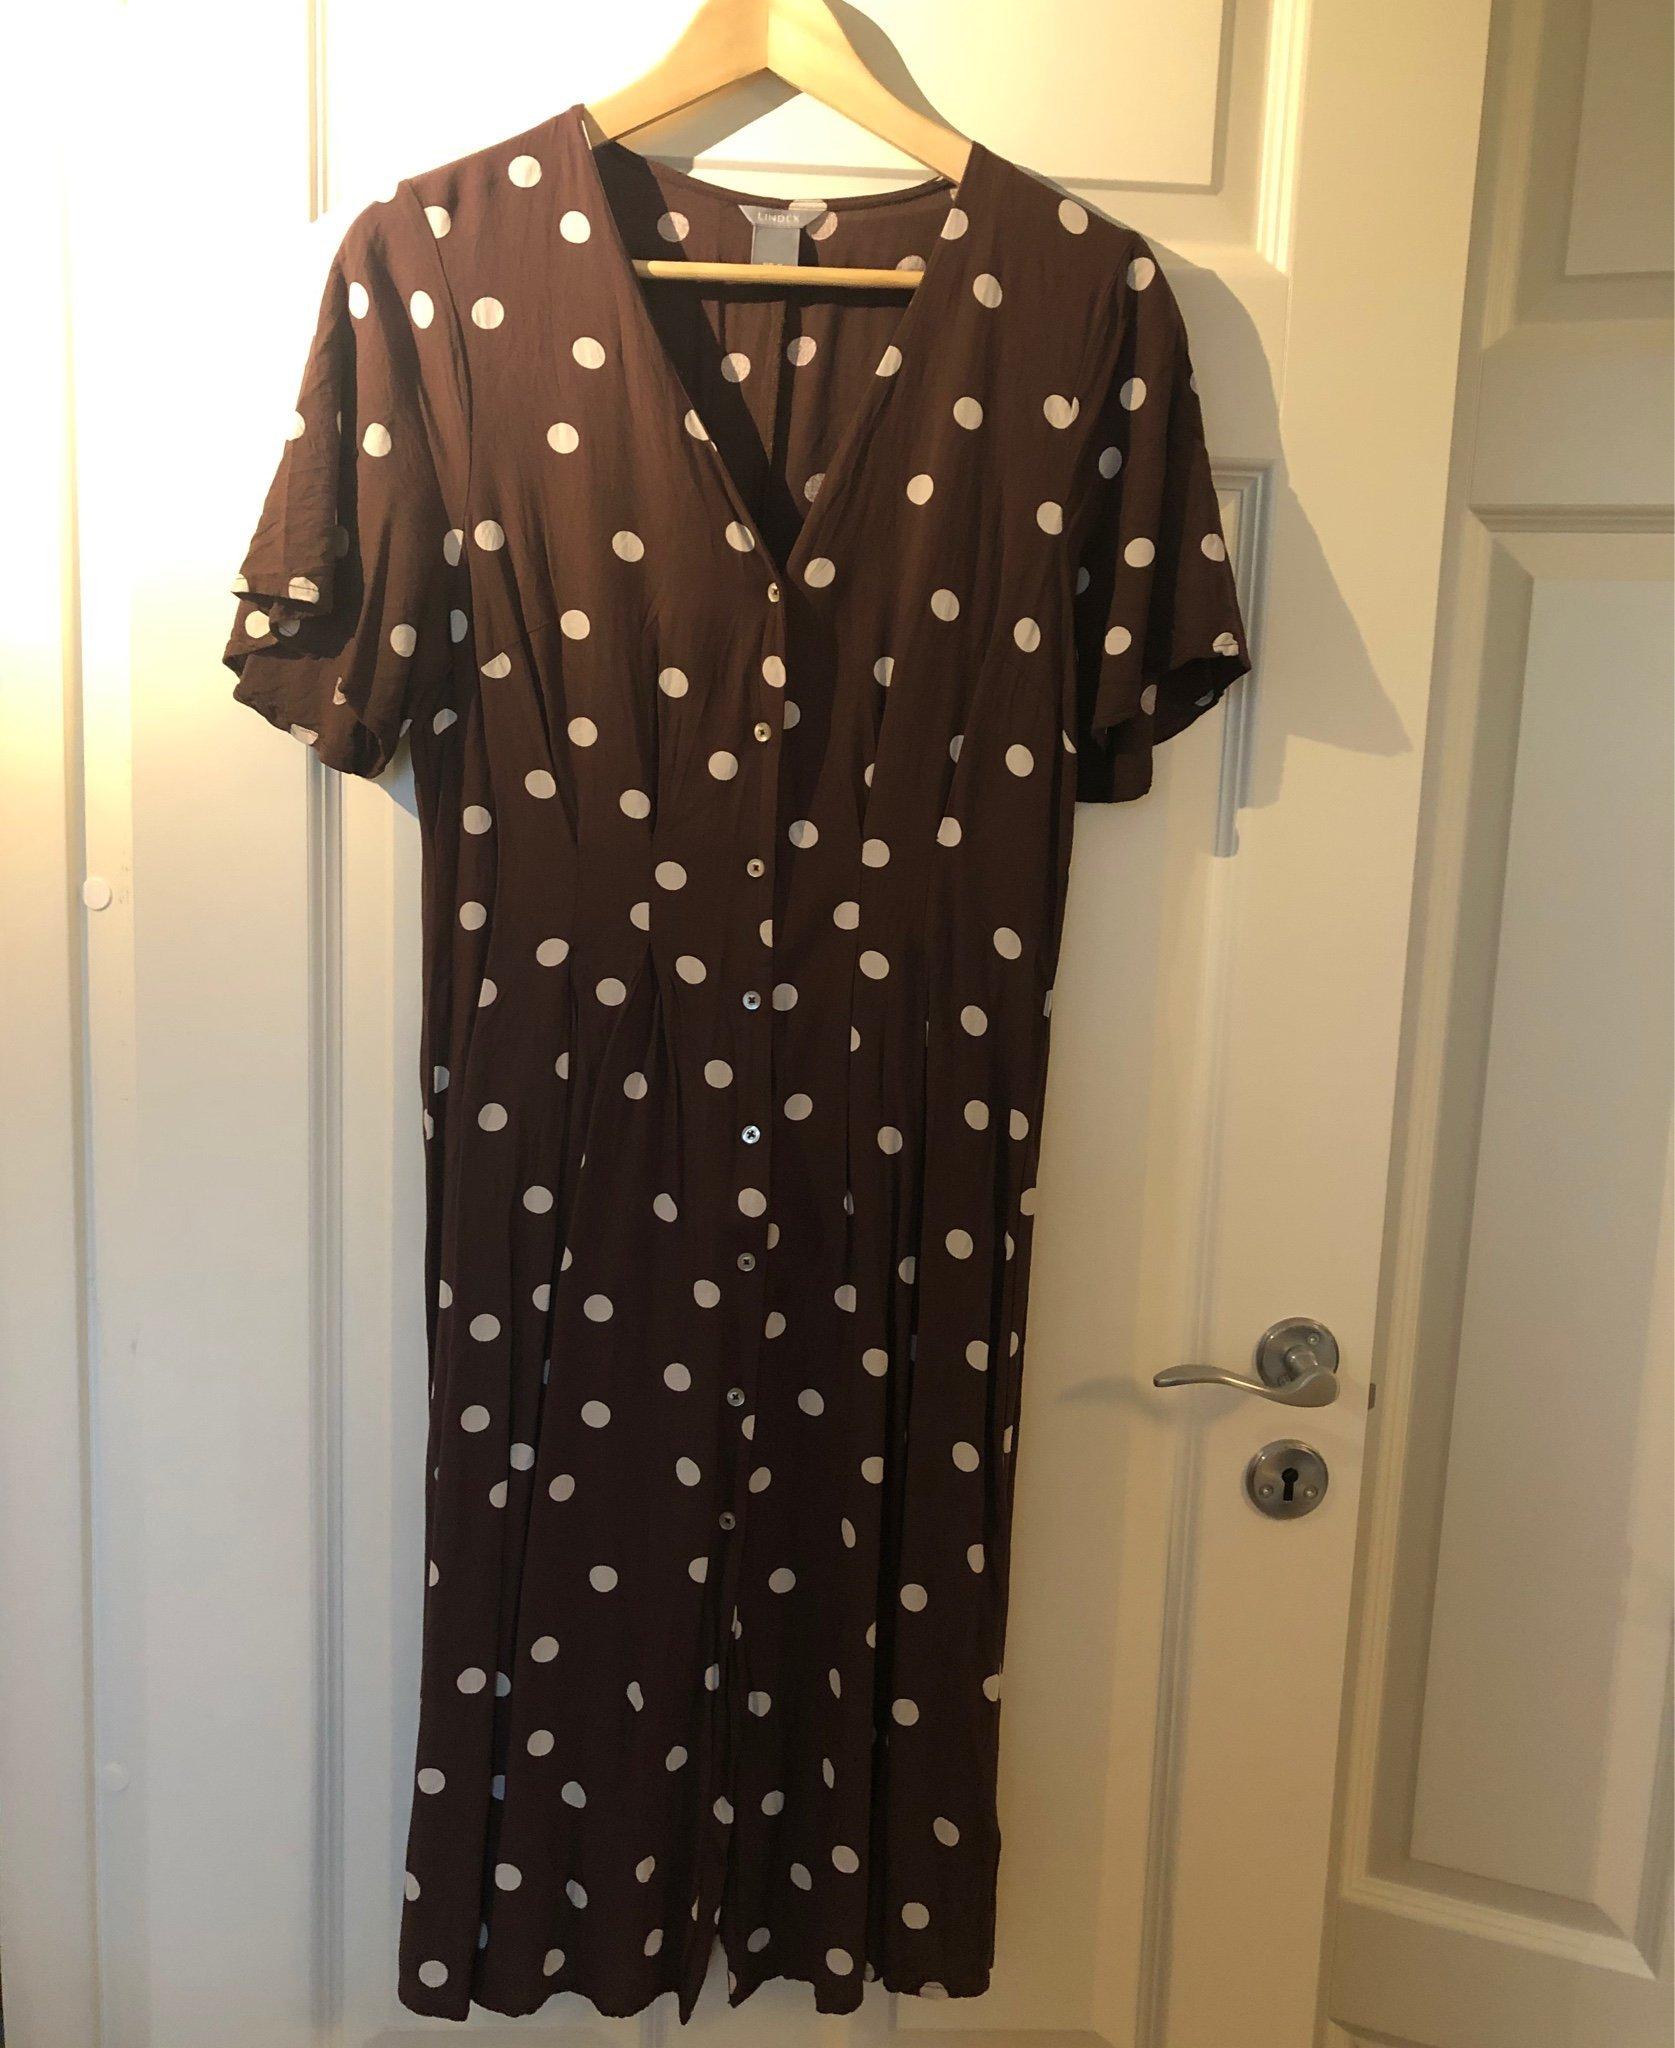 Brun klänning med vita prickar, från Lindex, st.. (411859835